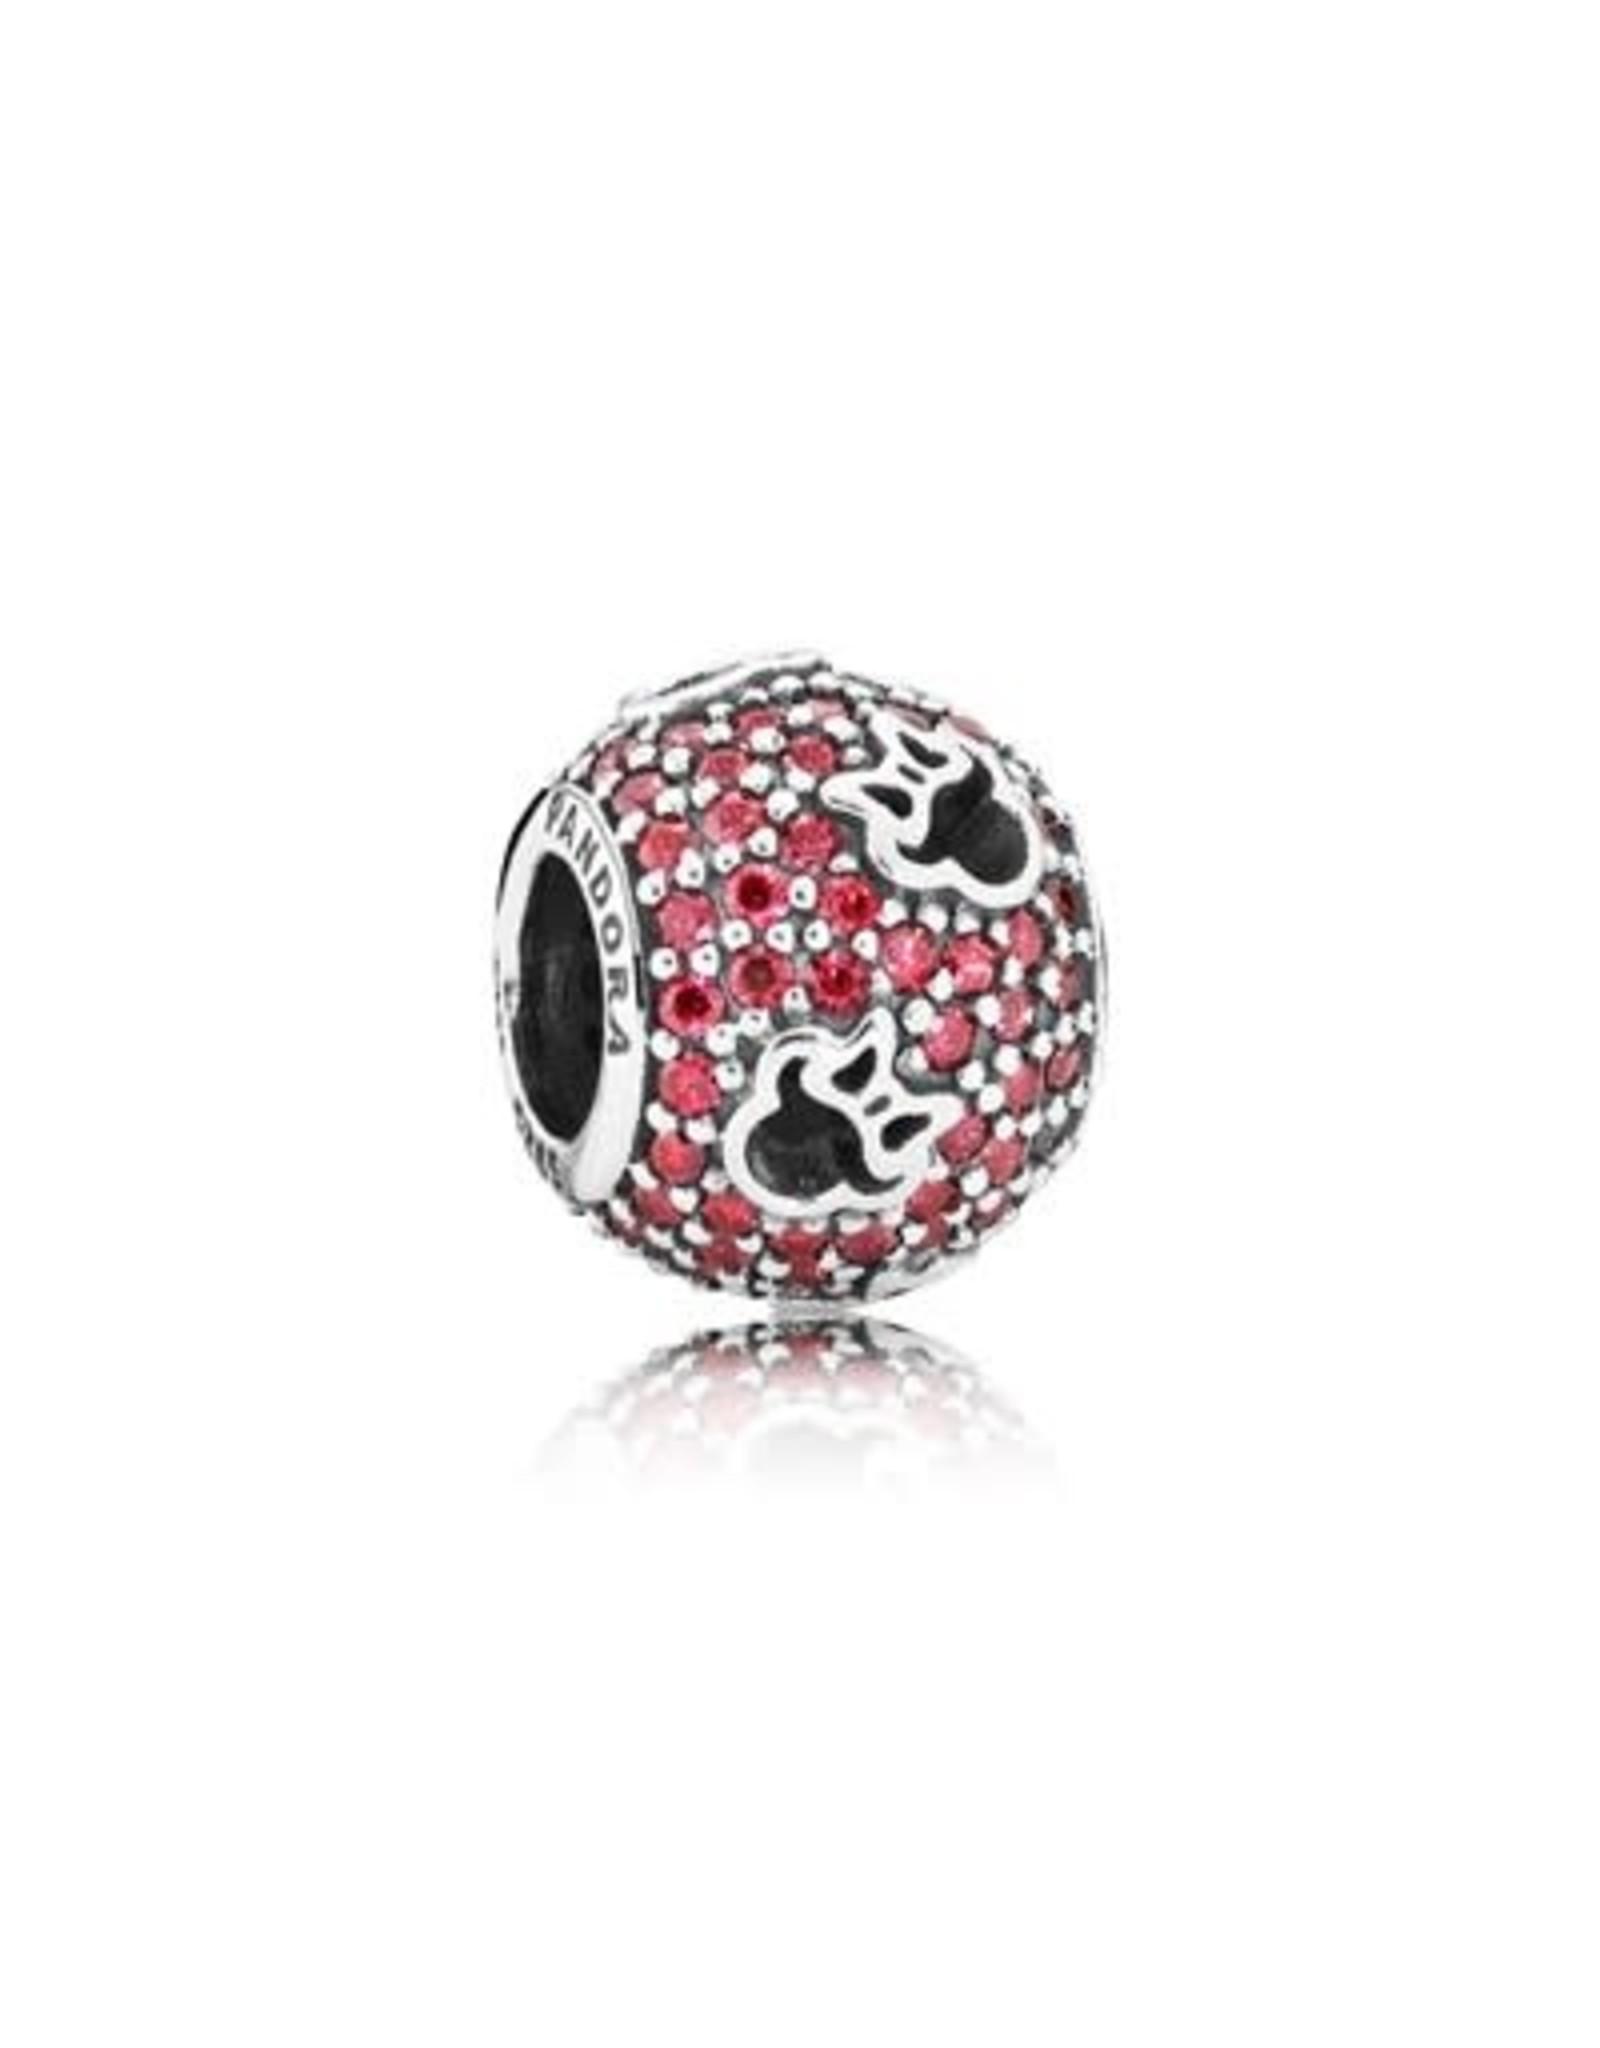 Pandora Pandora Charm, Disney, Minnie Silhouettes, Pink CZ